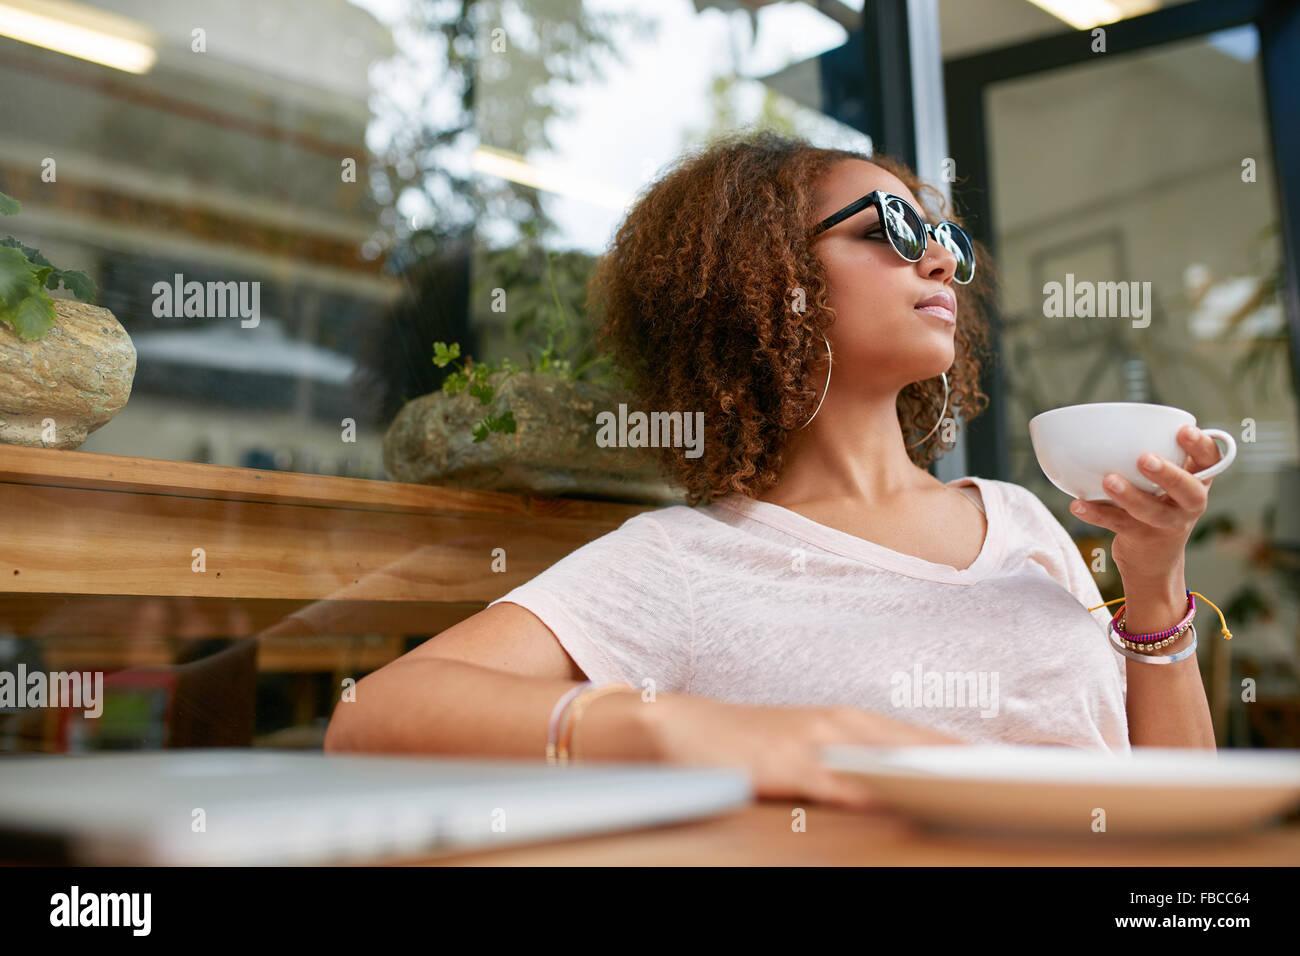 Retrato de jóvenes africanos atractiva chica con una taza de café en la cafetería. Elegante joven bebiendo café Foto de stock